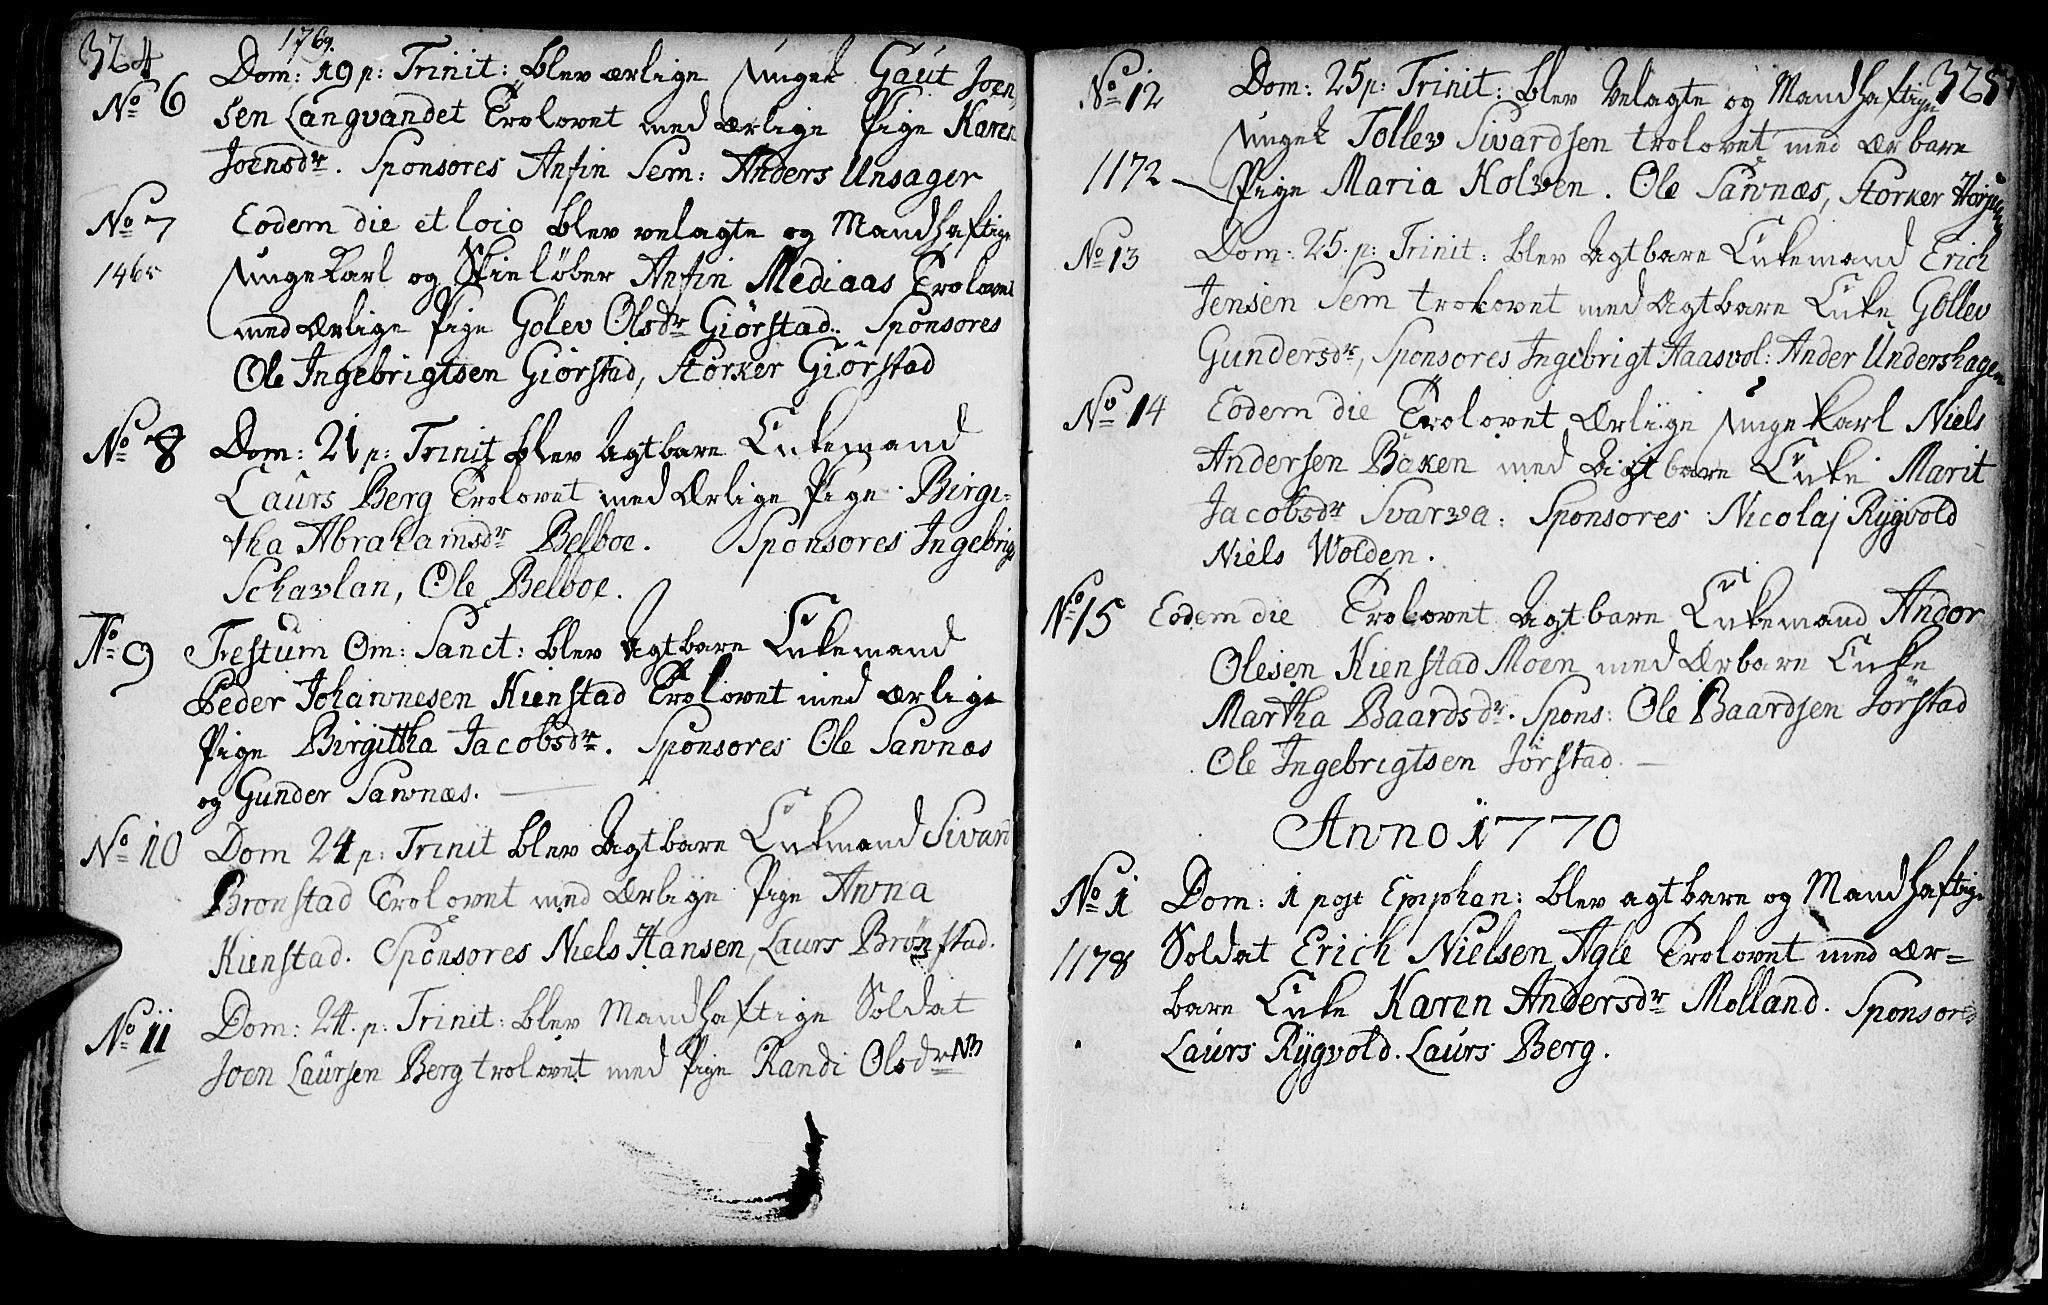 SAT, Ministerialprotokoller, klokkerbøker og fødselsregistre - Nord-Trøndelag, 749/L0467: Ministerialbok nr. 749A01, 1733-1787, s. 324-325